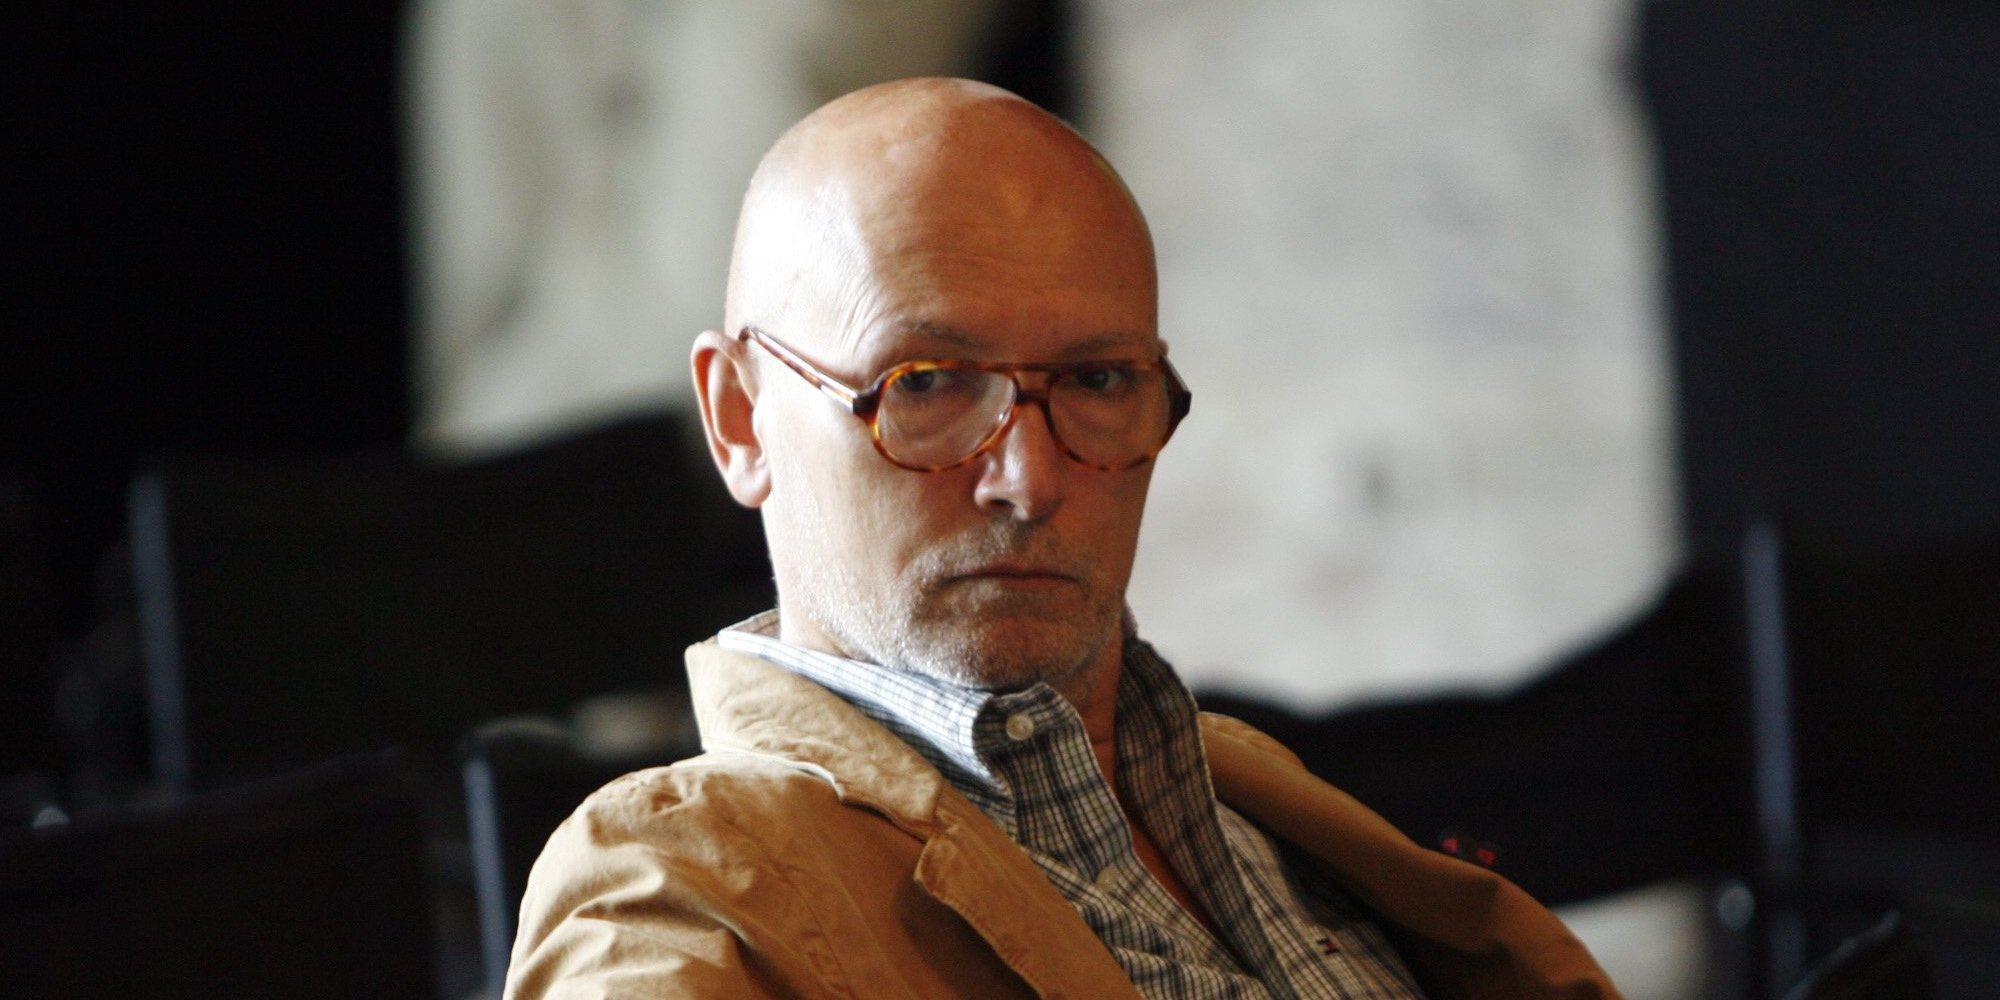 Encontrado muerto Carlos García Calvo, cronista de la Reina Letizia, en su domicilio de Madrid